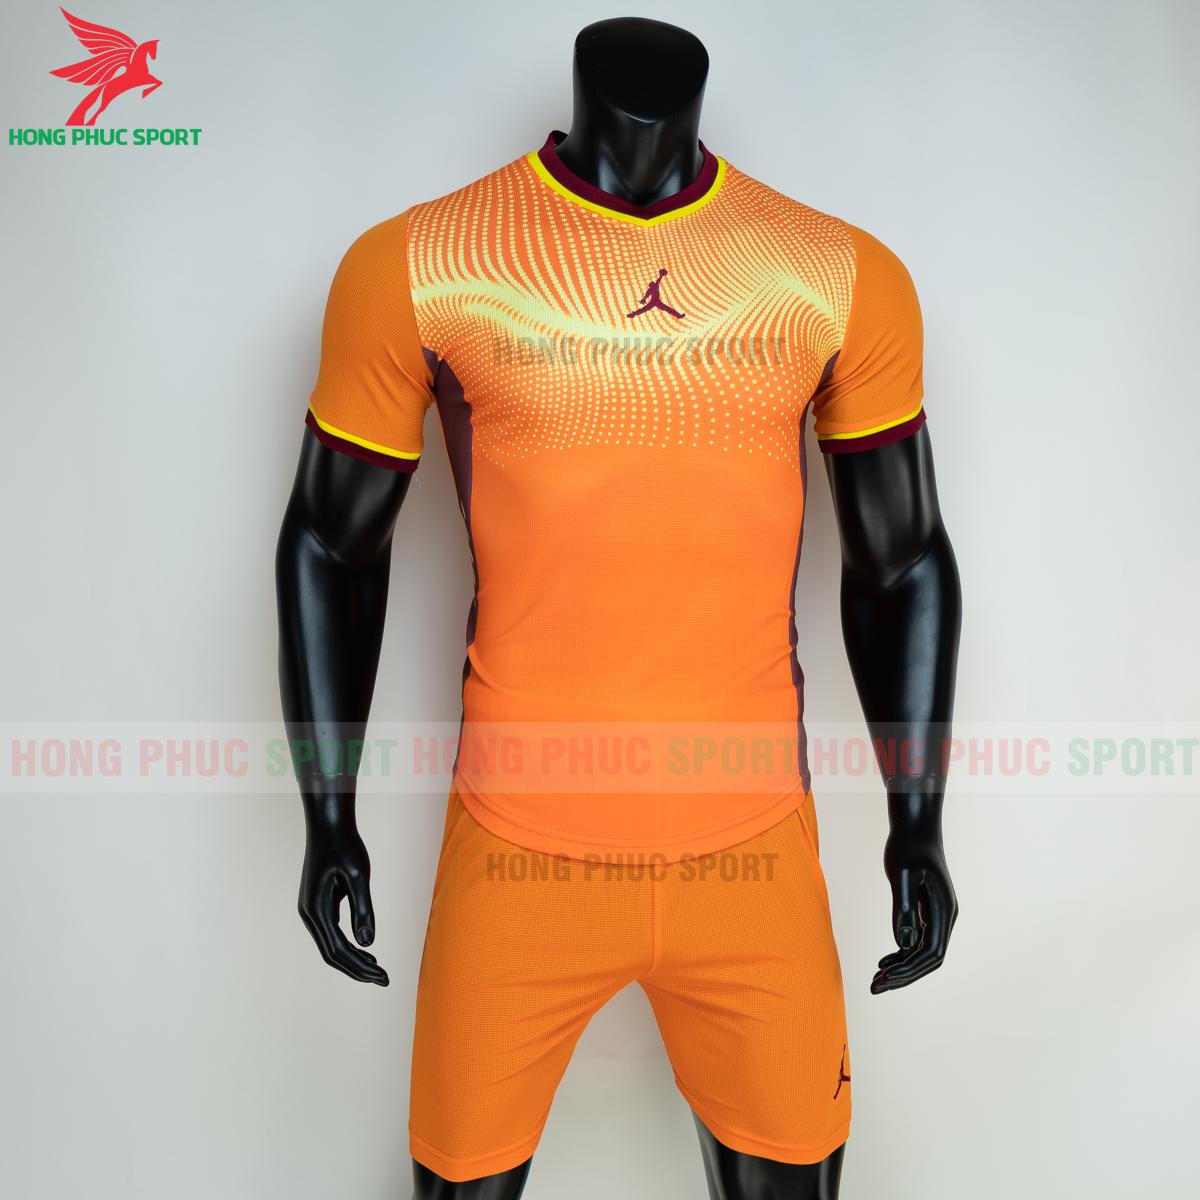 Áo đá banh không logo JORDAN WAVE 2021 màu cam (trước)